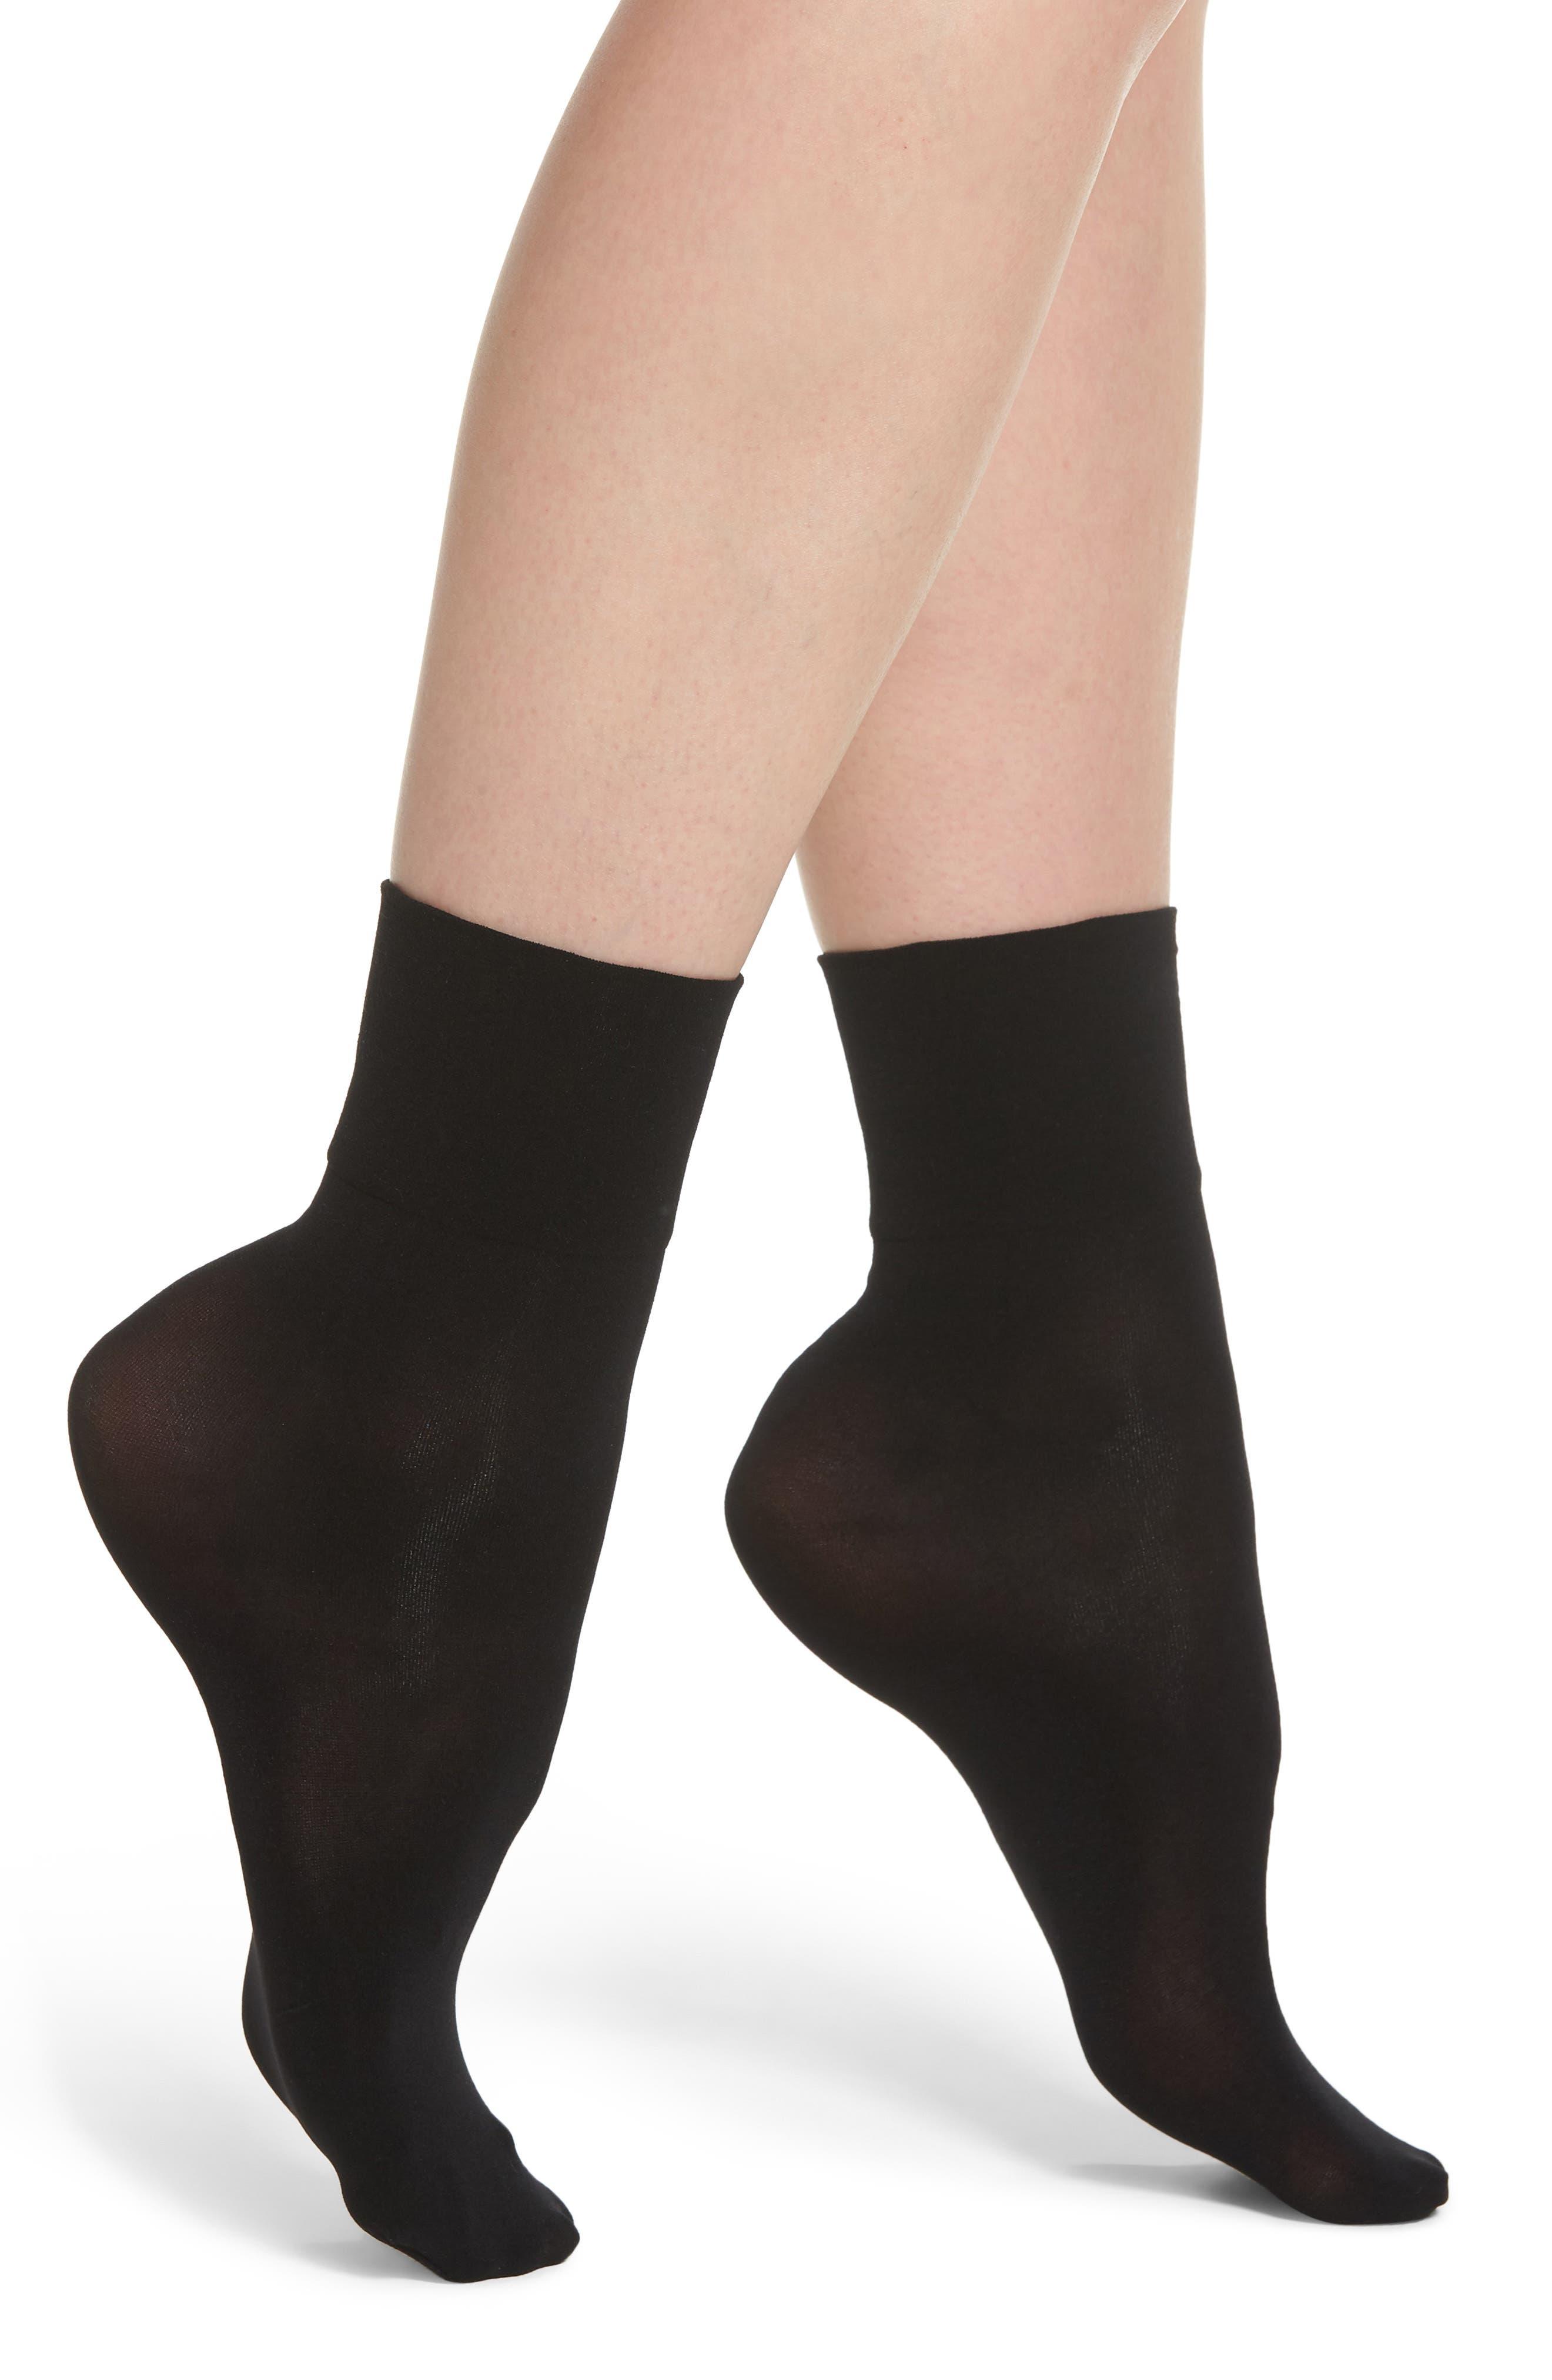 Nordstrom Opaque Anklet Socks